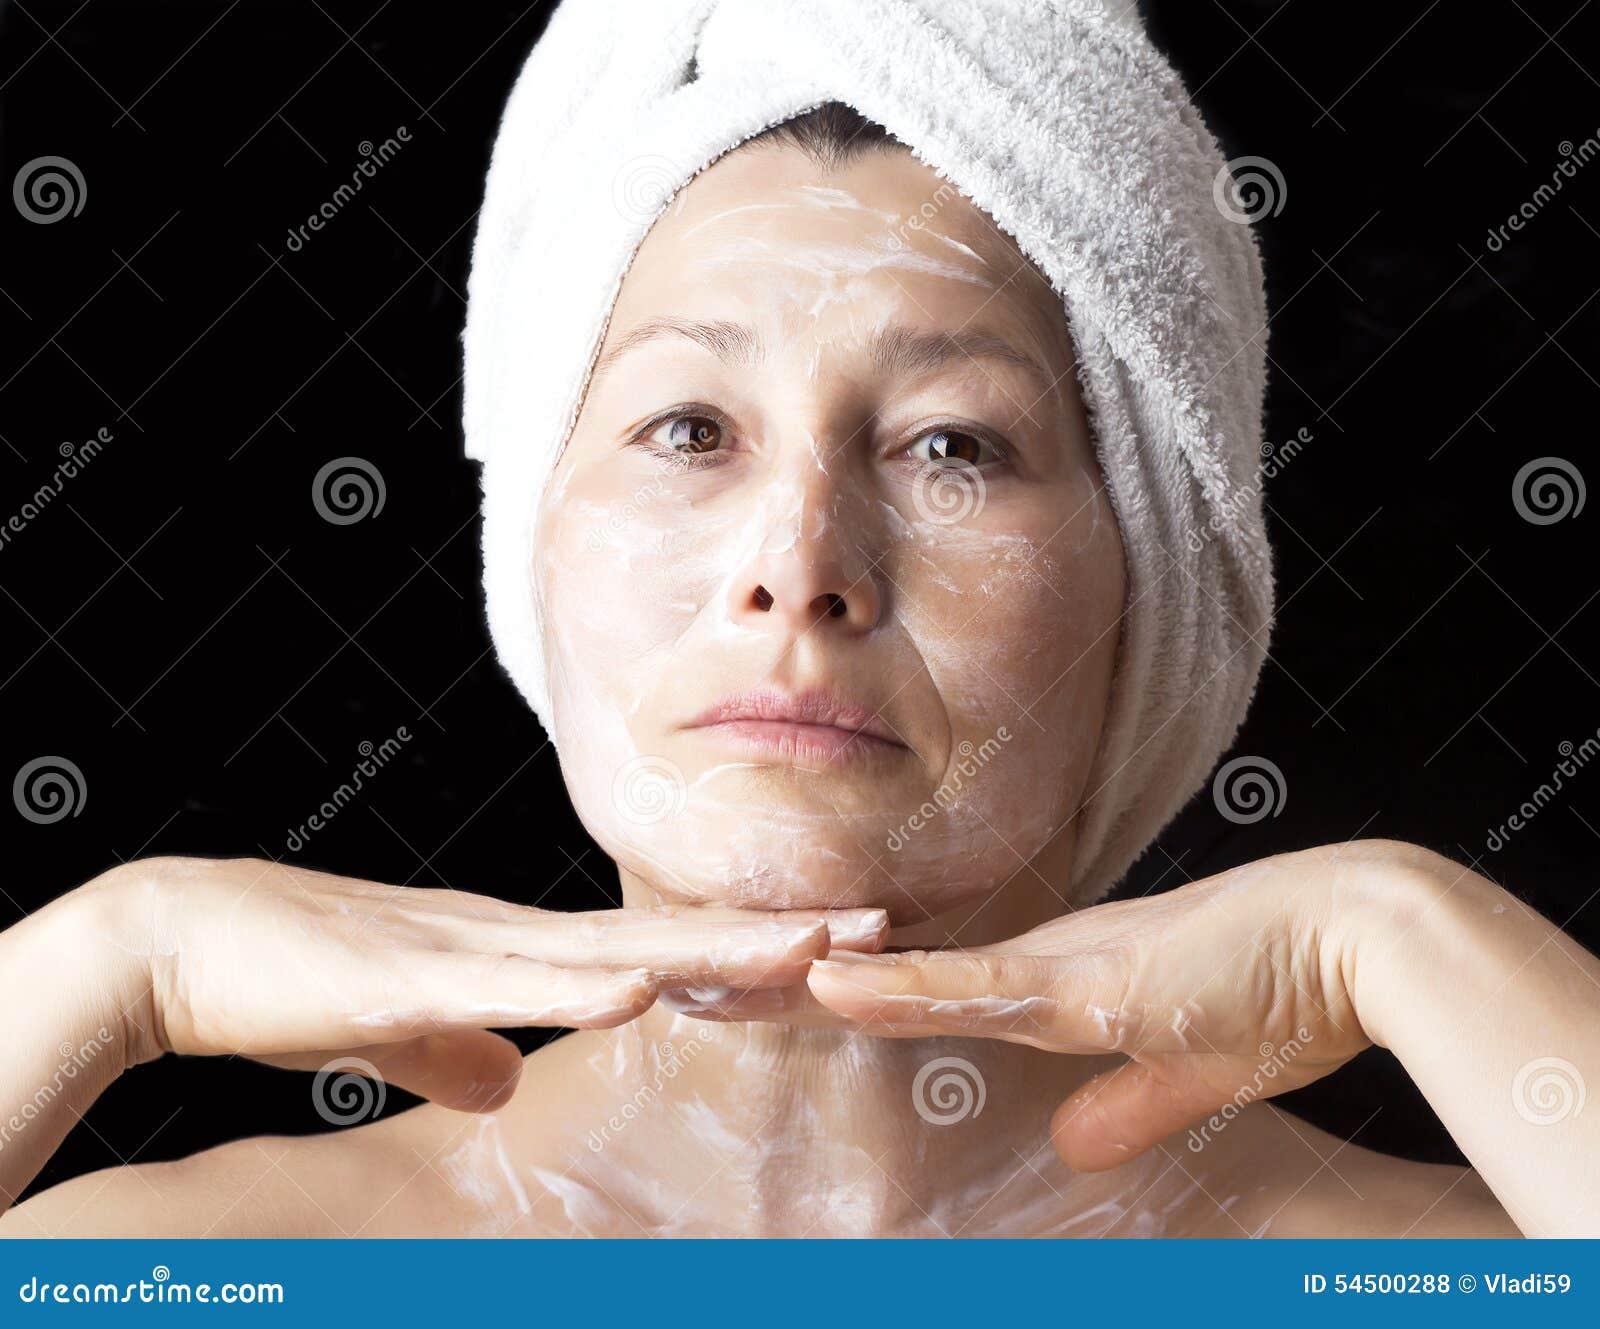 Masque de femme sur son visage